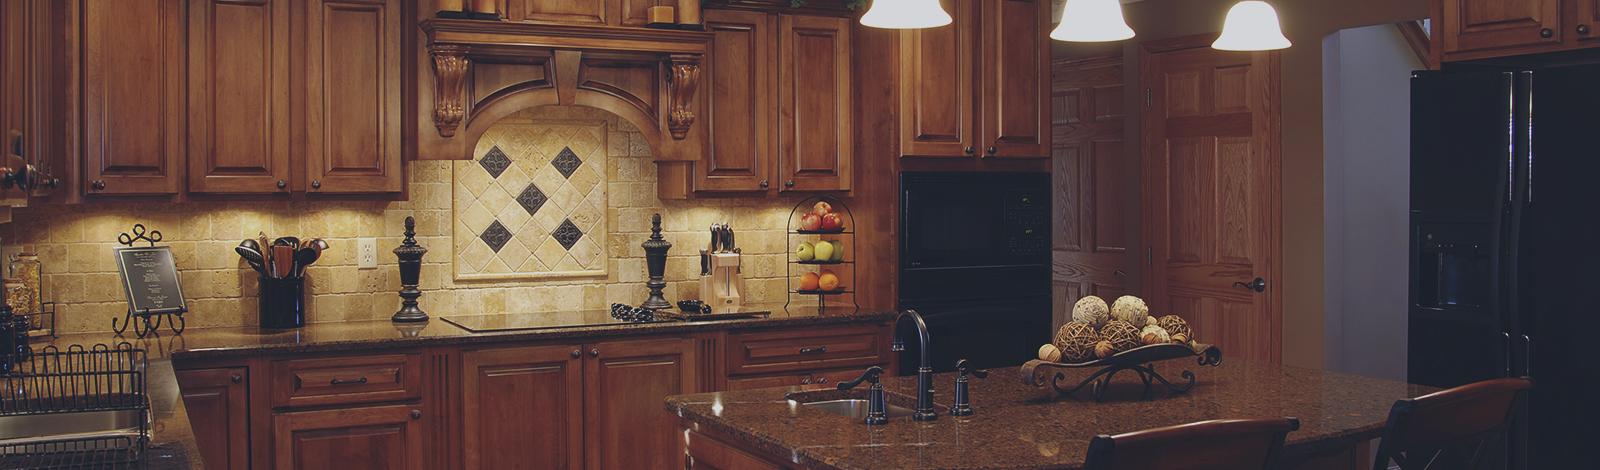 Armoires de cuisine et salle de bain fabrique plus - Couleur armoire cuisine ...